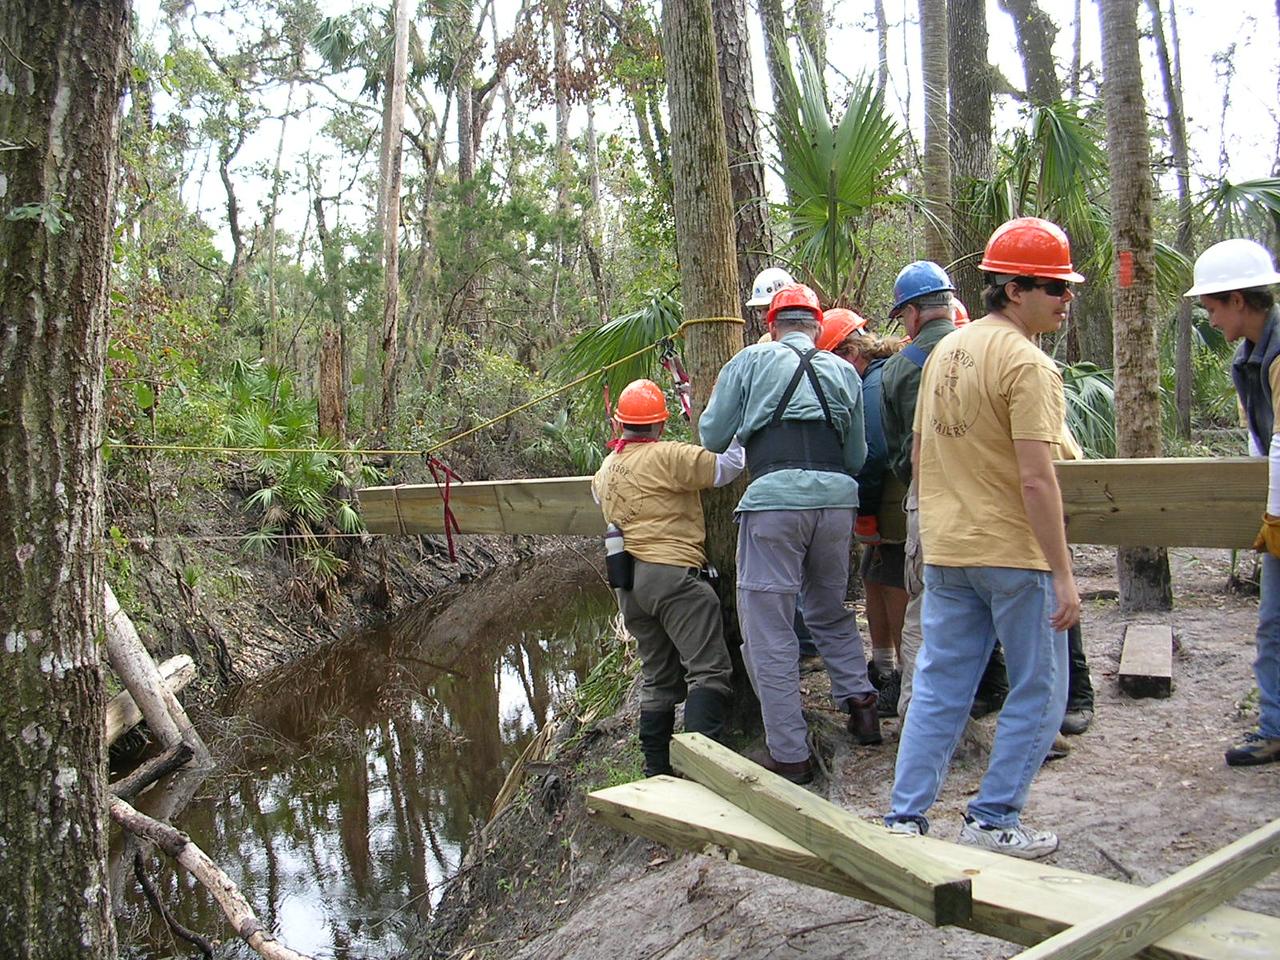 F-Troop at work<br /> PHOTO CREDIT: Roger Werner / Florida Trail Association